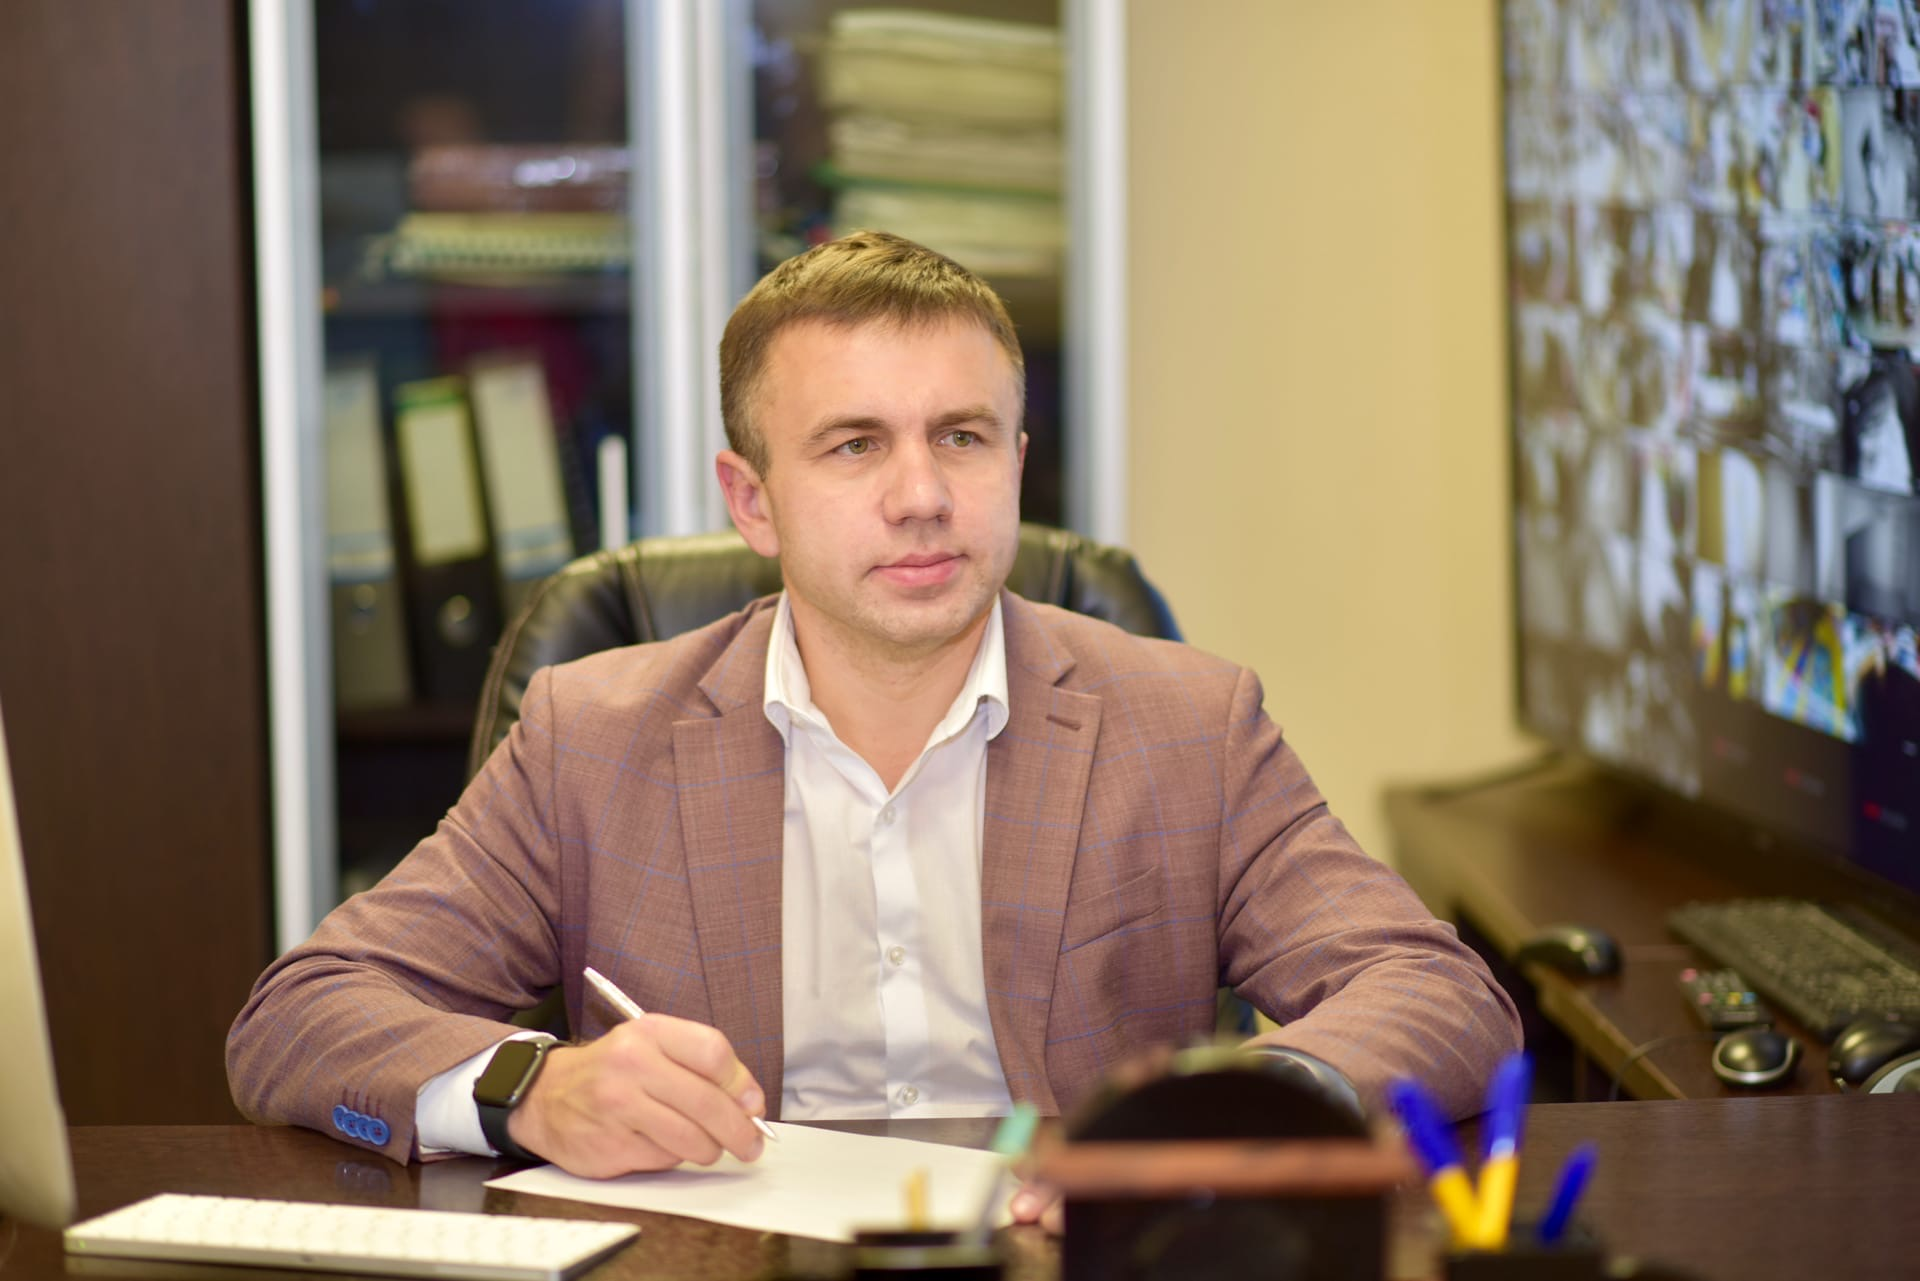 Андрей Николашкин: Предпринимательское сообщество видит реальную поддержку бизнеса руководством области